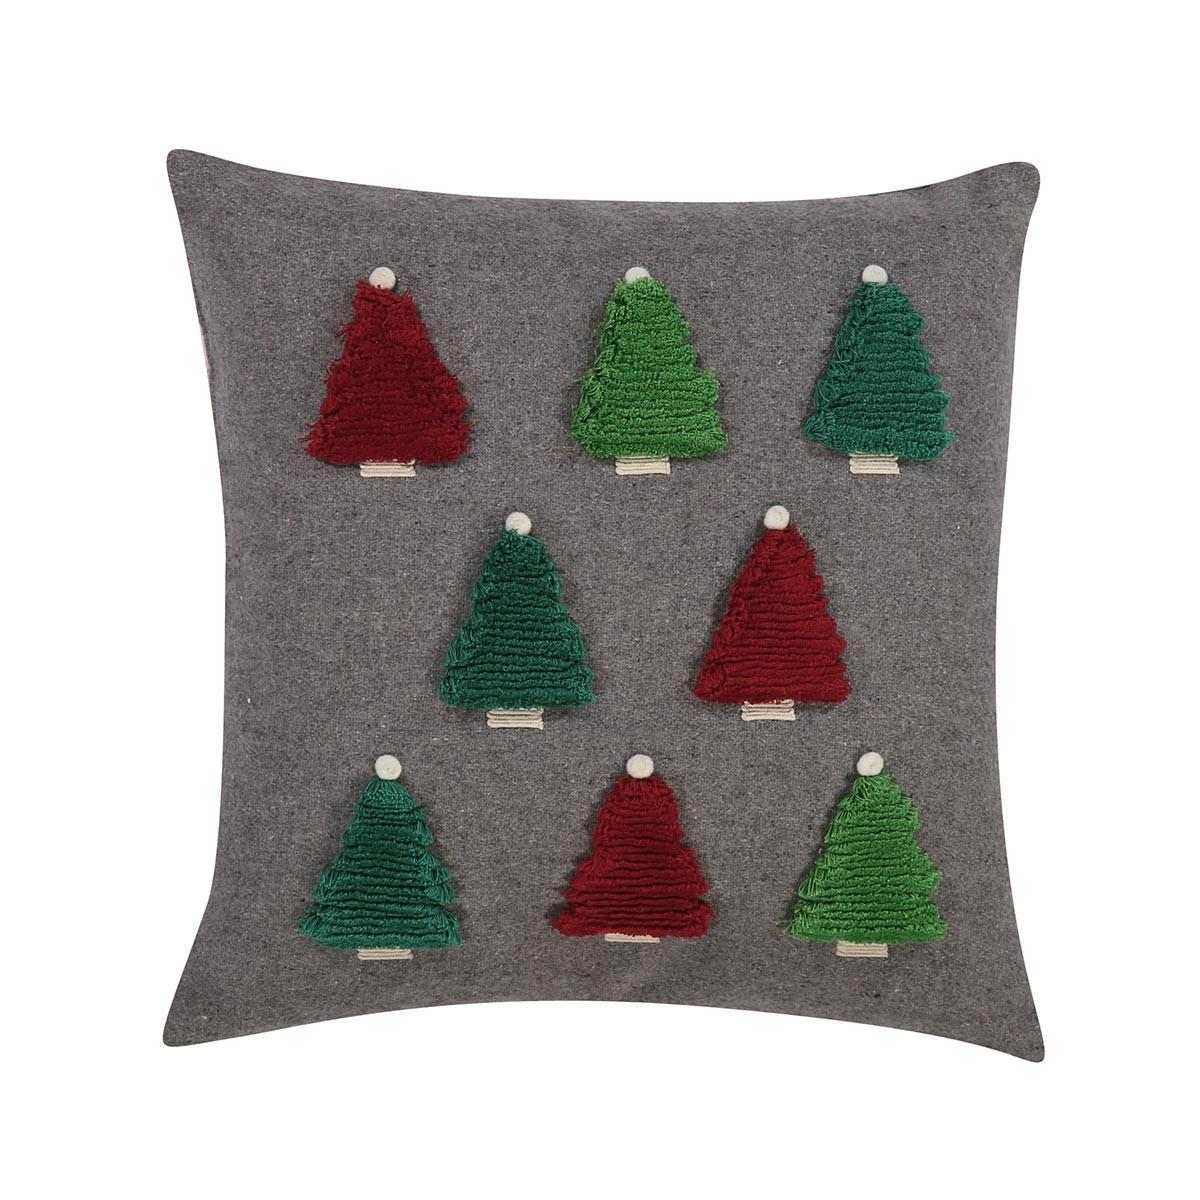 Χριστουγεννιάτικο Διακοσμητικό Μαξιλάρι Nef-Nef Trees